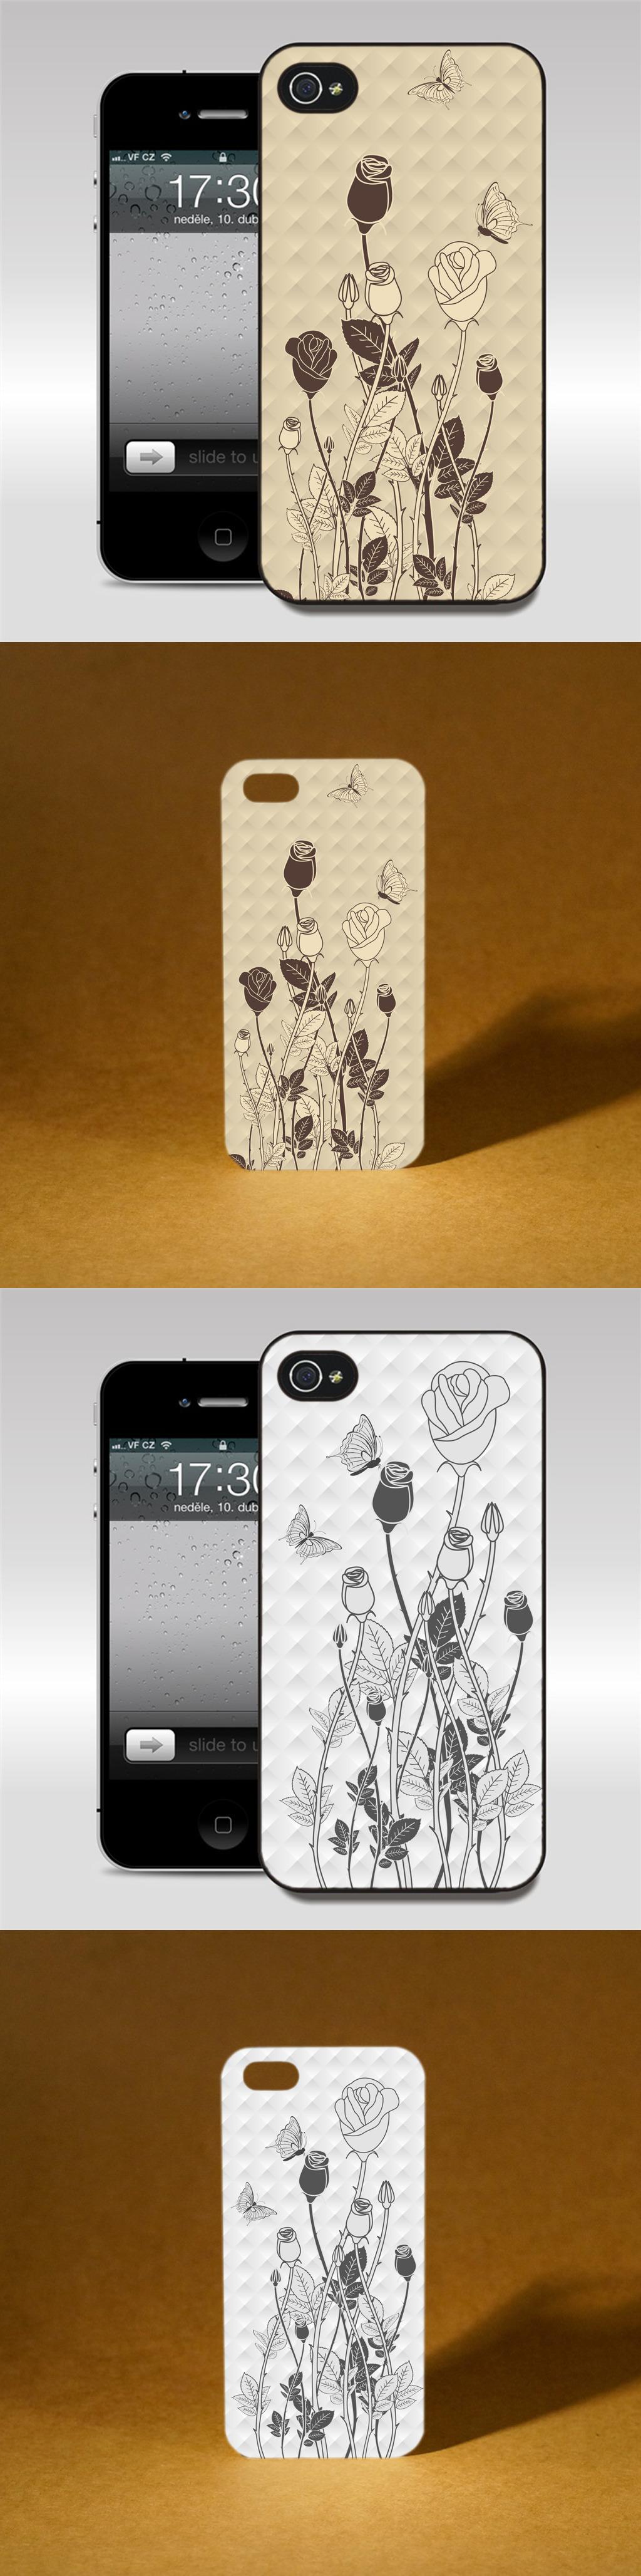 个性手机壳矢量手绘花朵图案设计